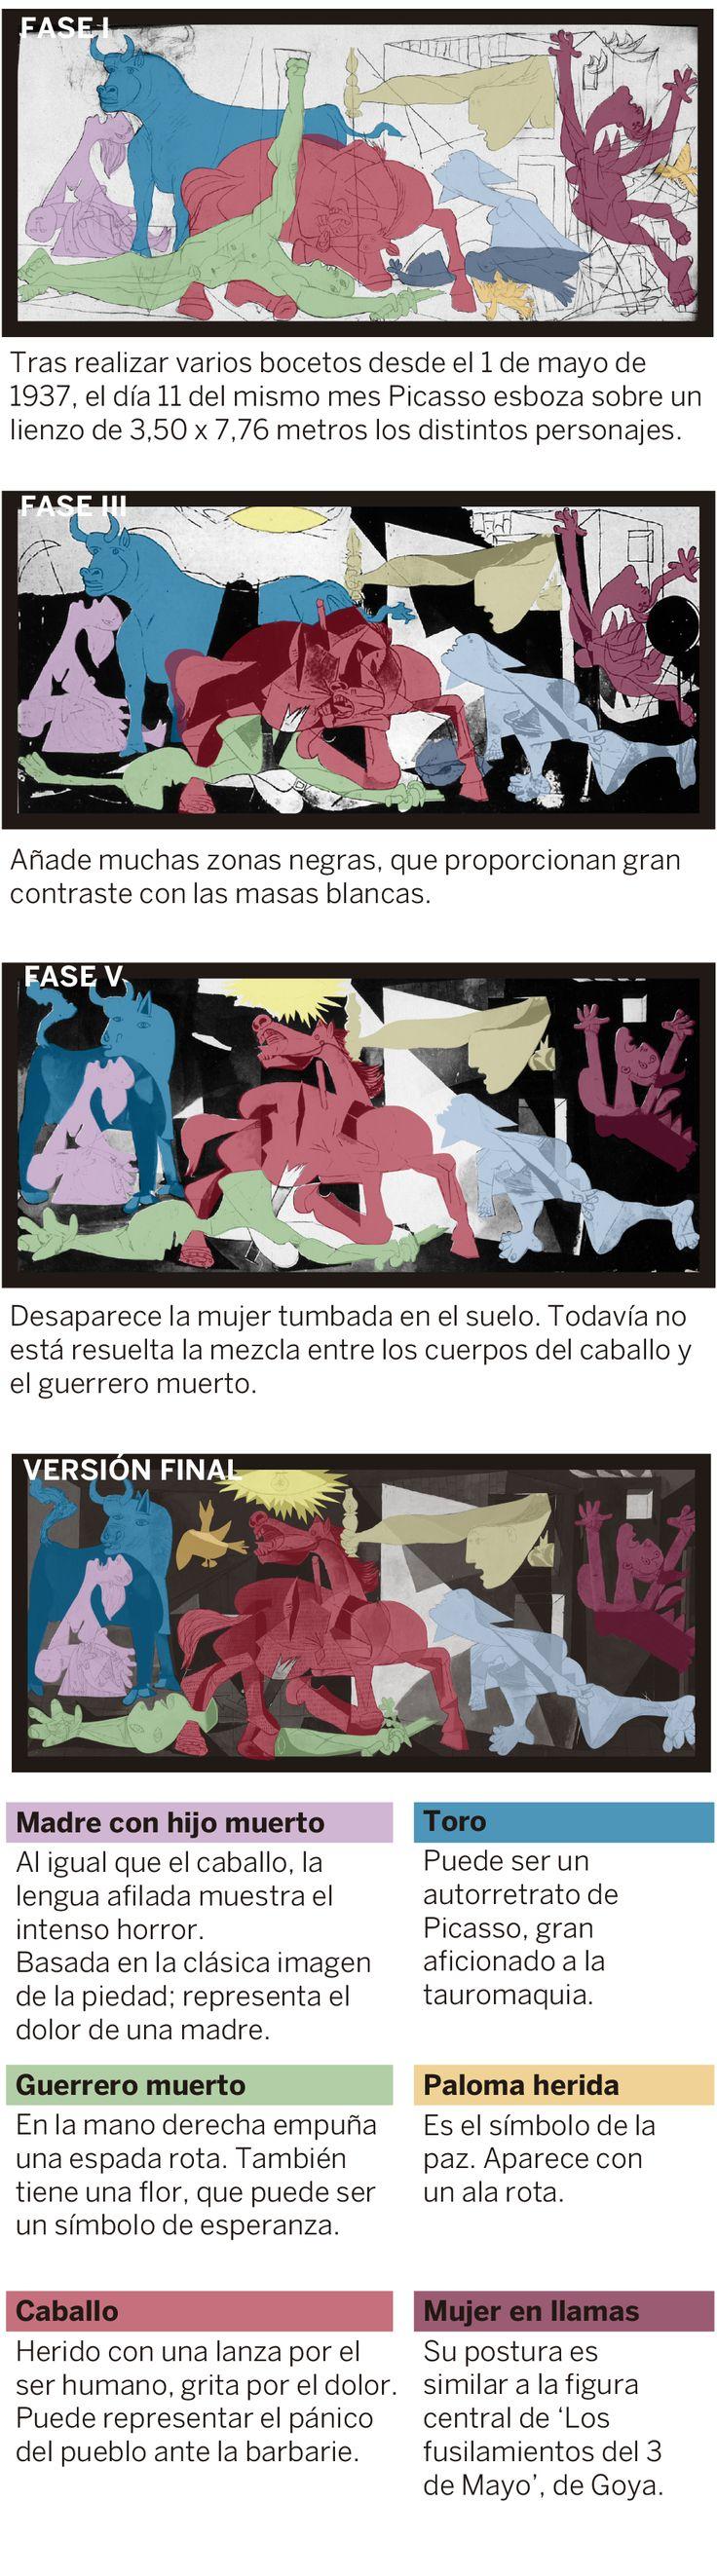 La fotógrafa Dora Maar documentó, entre el 1 de mayo de 1937 y el 4 de junio del mismo año, las distintas fases en la realización del 'Guernica' de Picasso.